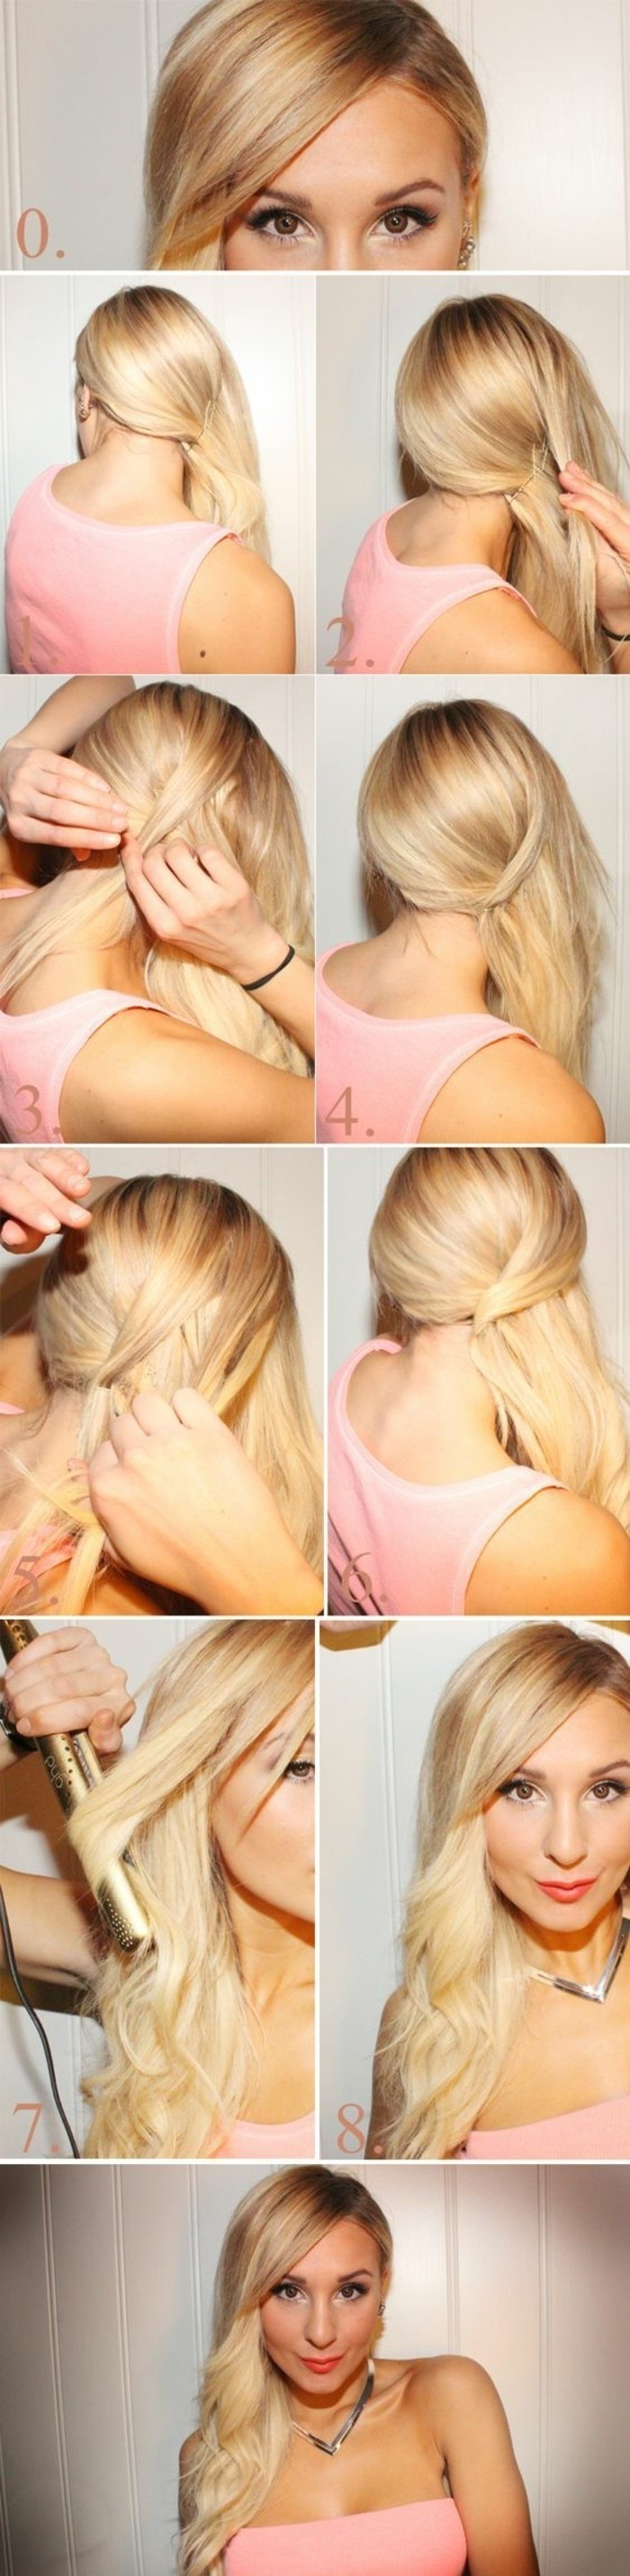 silvester-frisuren-selber-machen-ganz-einfach